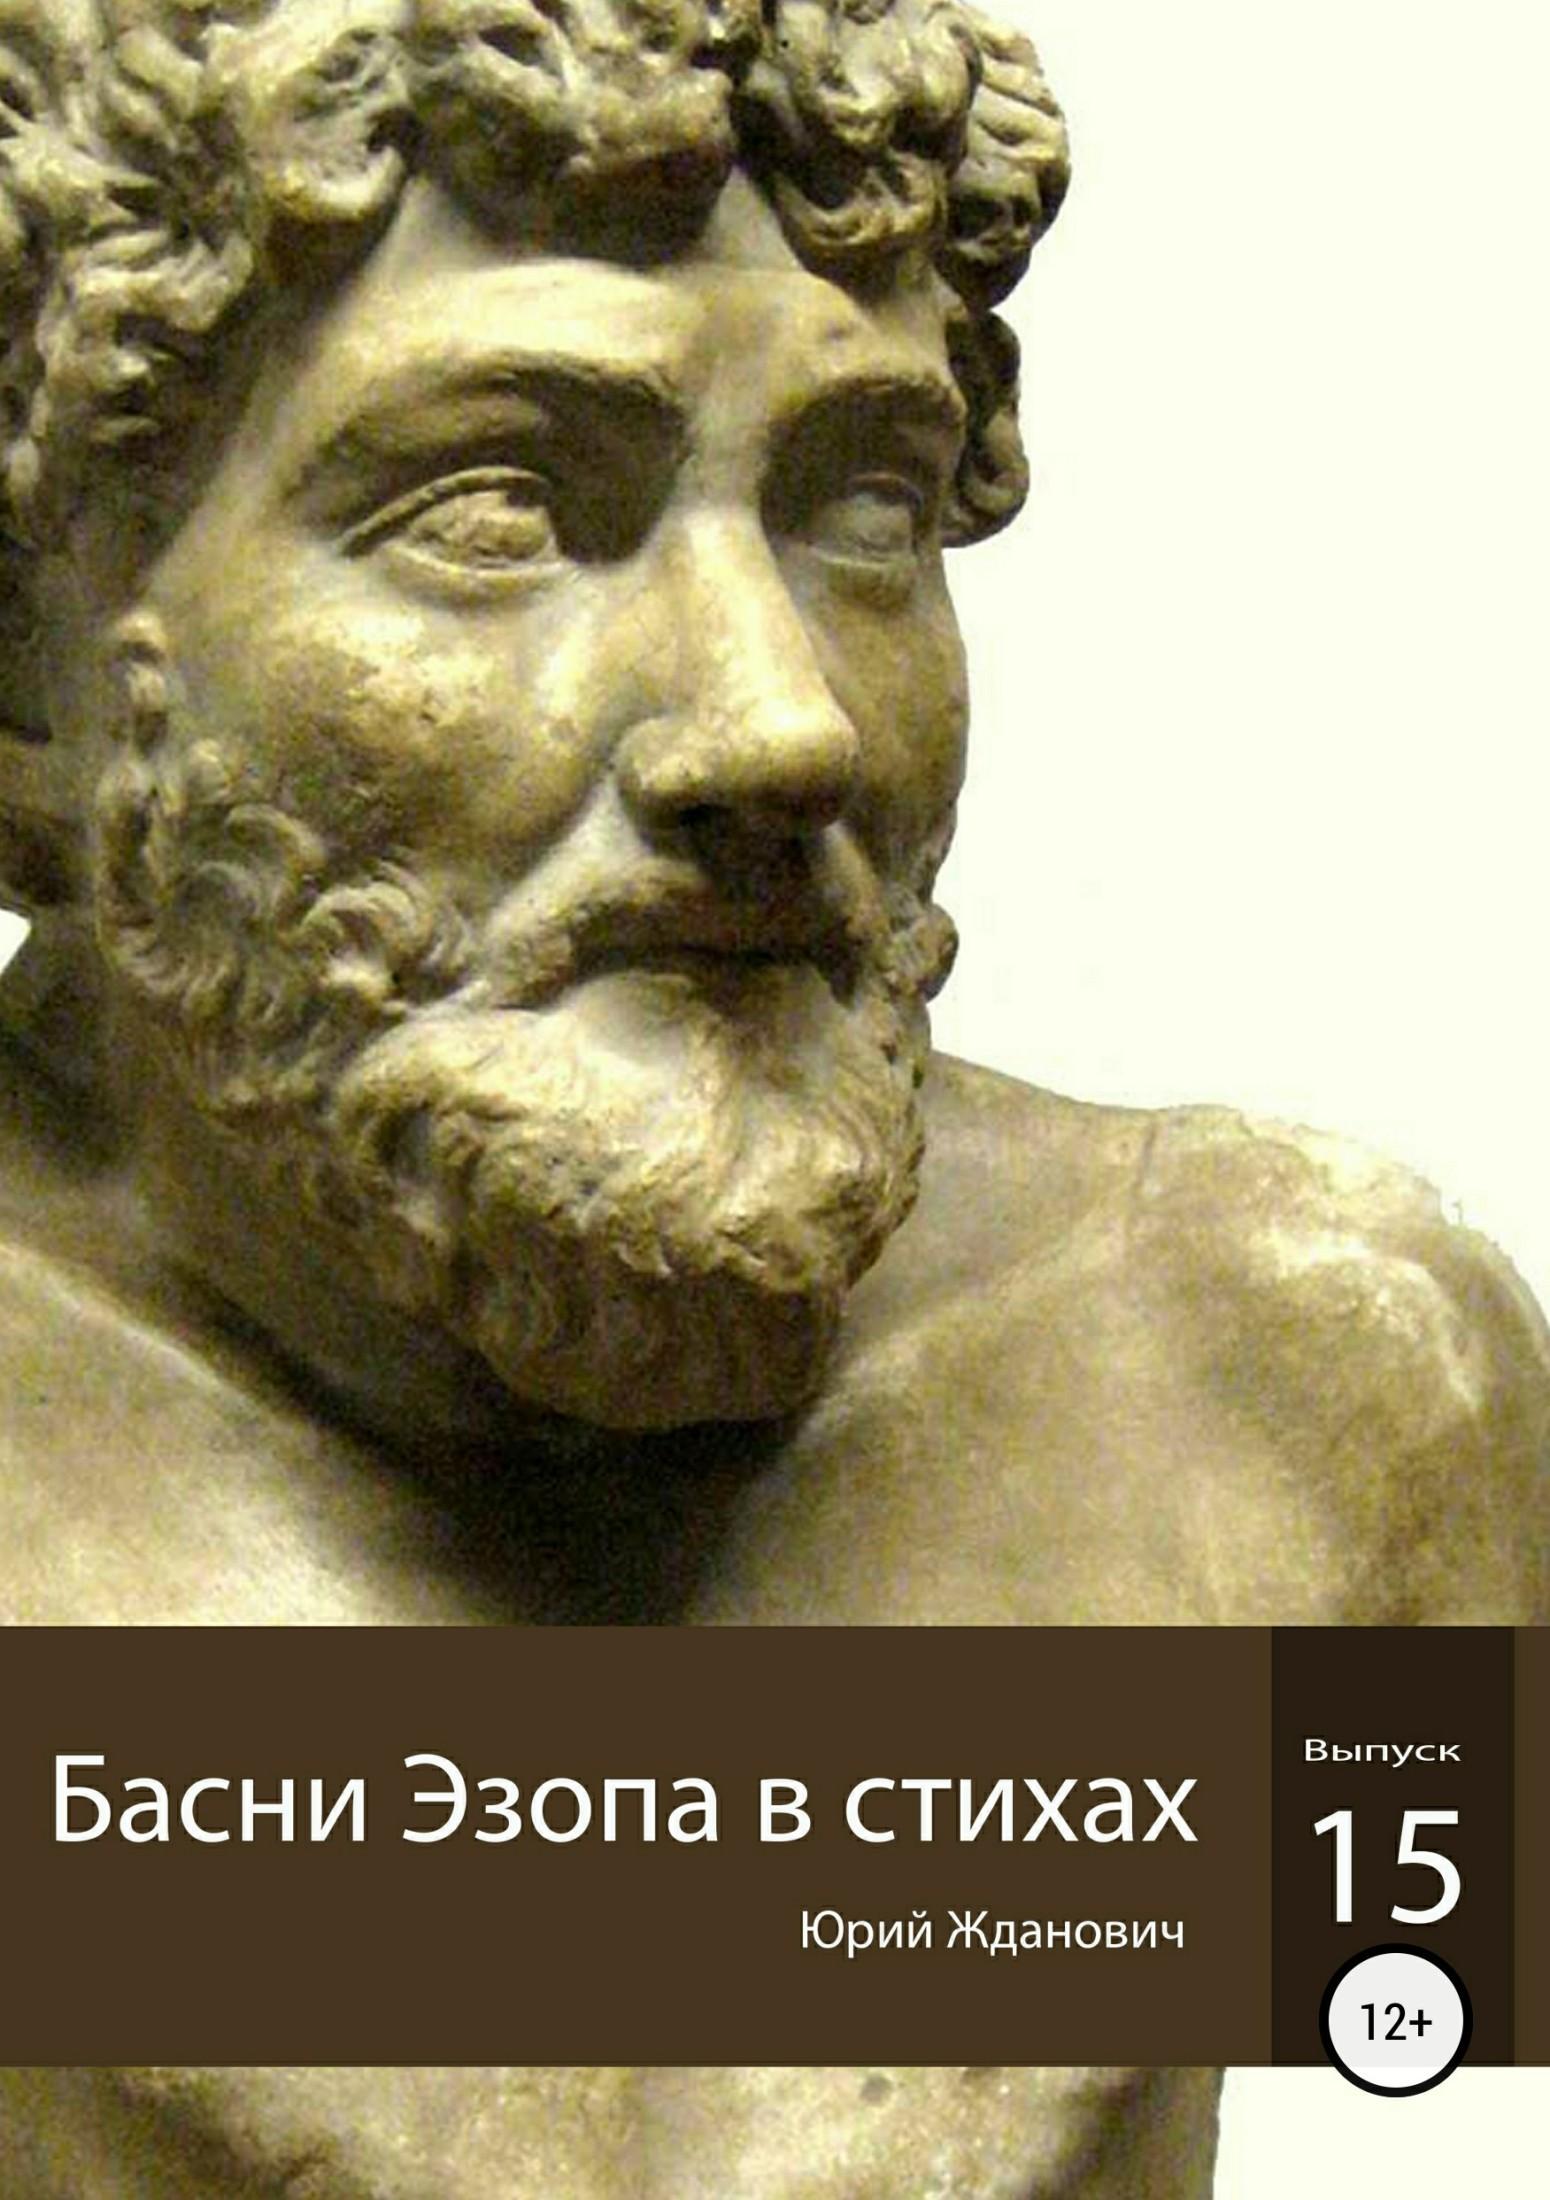 Юрий Михайлович Жданович Басни Эзопа в стихах. Выпуск 15